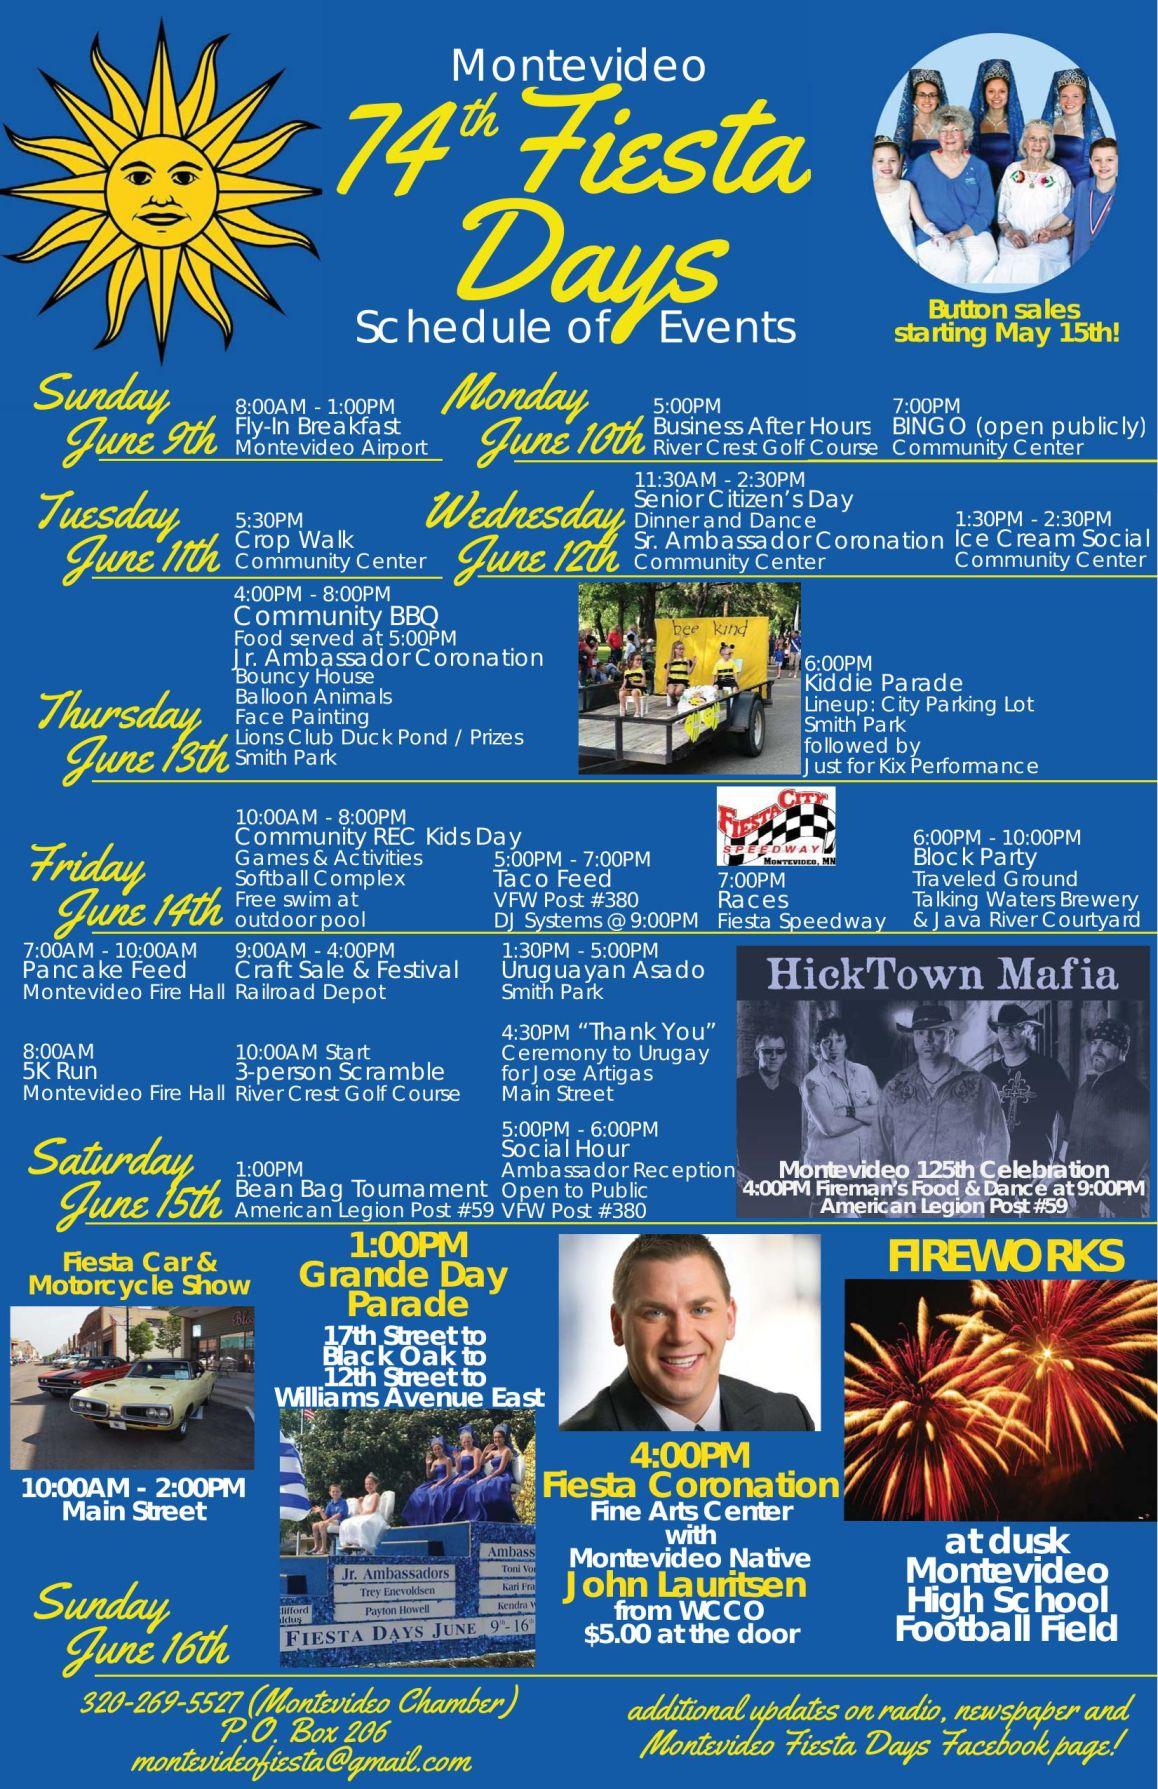 Montevideo Fiesta Days Schedule 2019